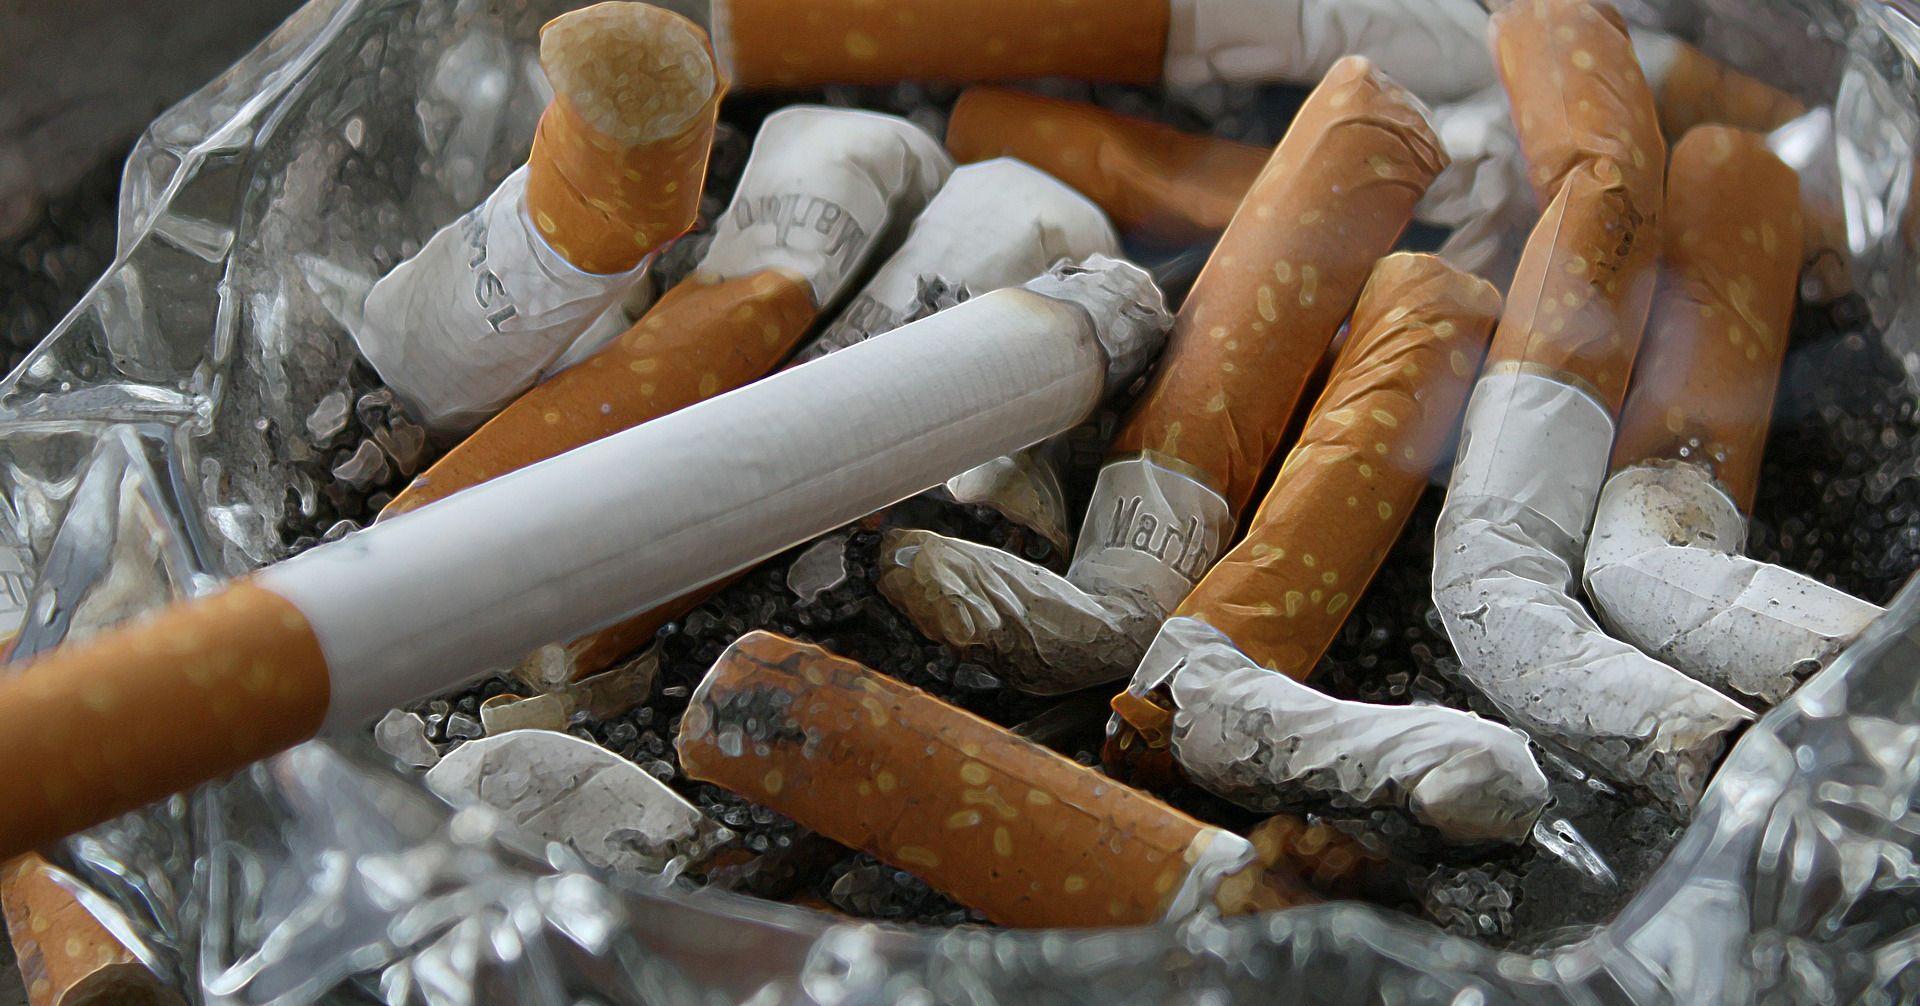 STUDIJA Lakše ćete prestati pušiti učinite li to naglo